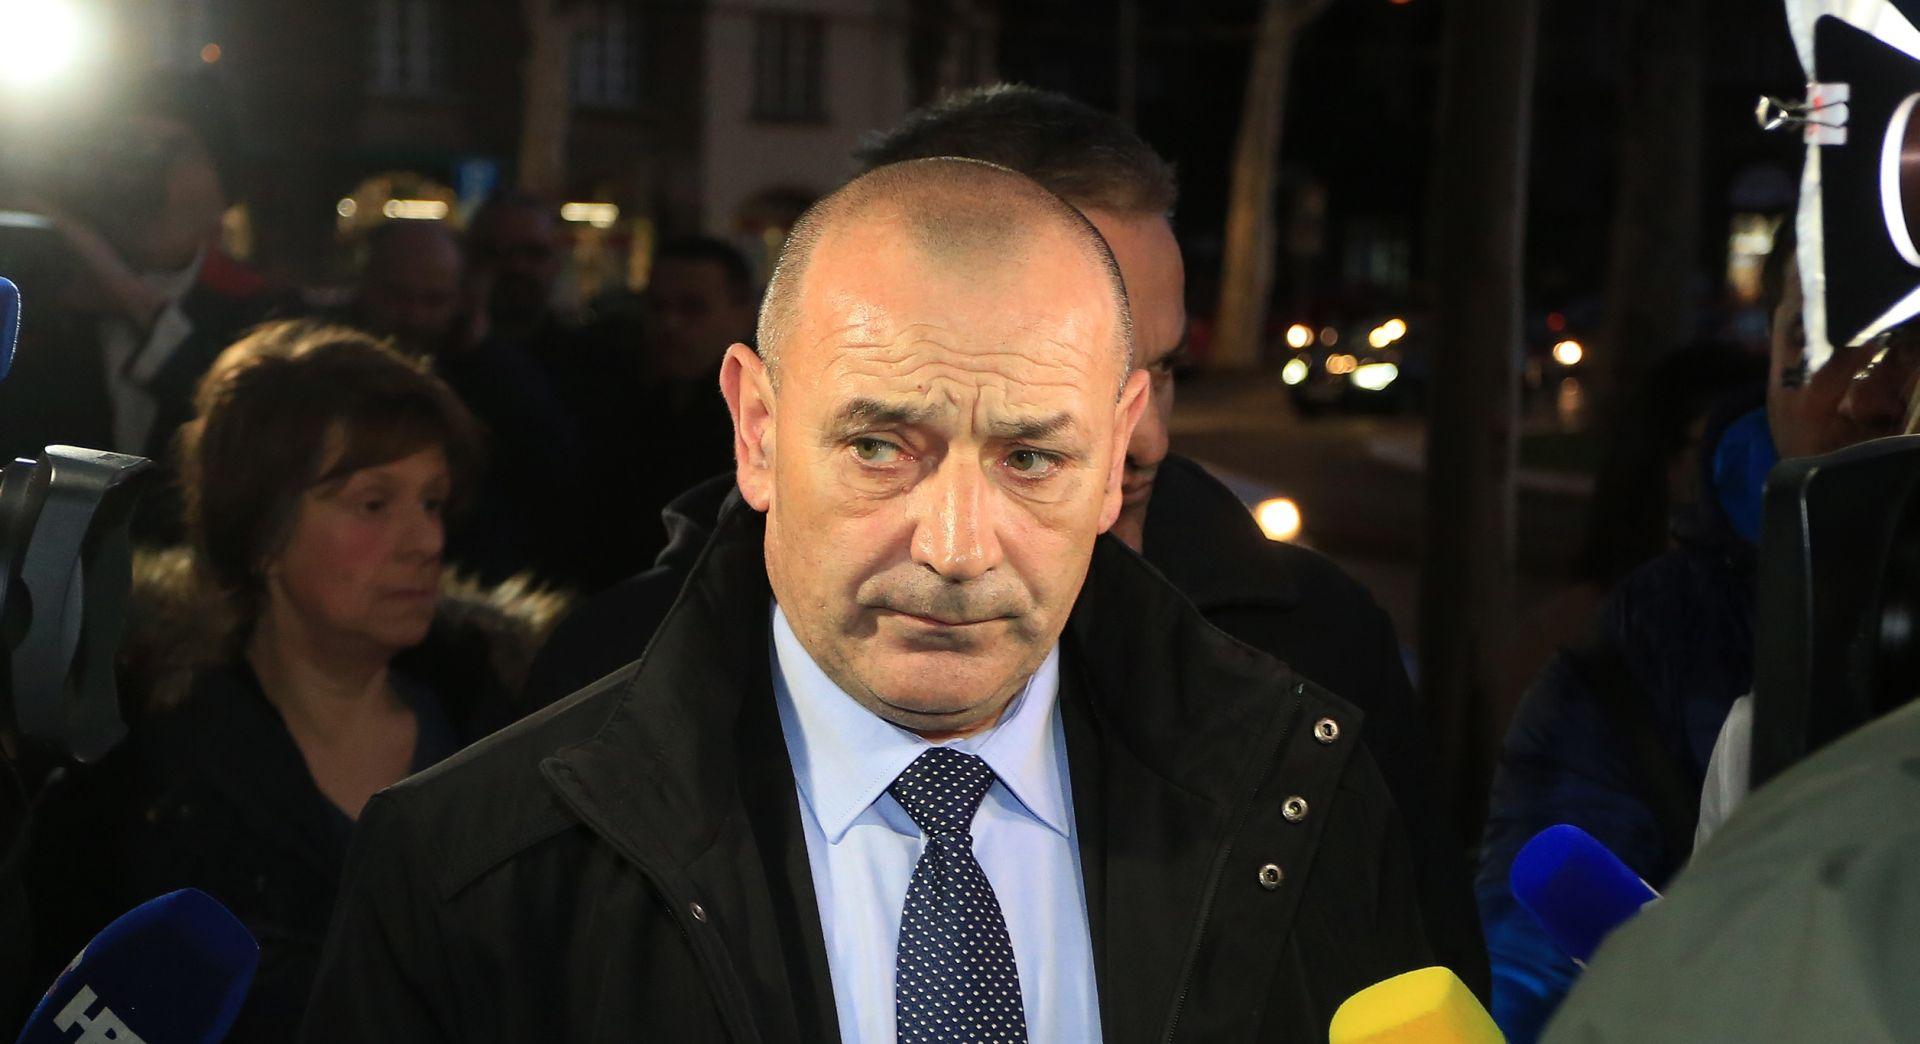 O skandalu se oglasilo Medvedovo ministarstvo